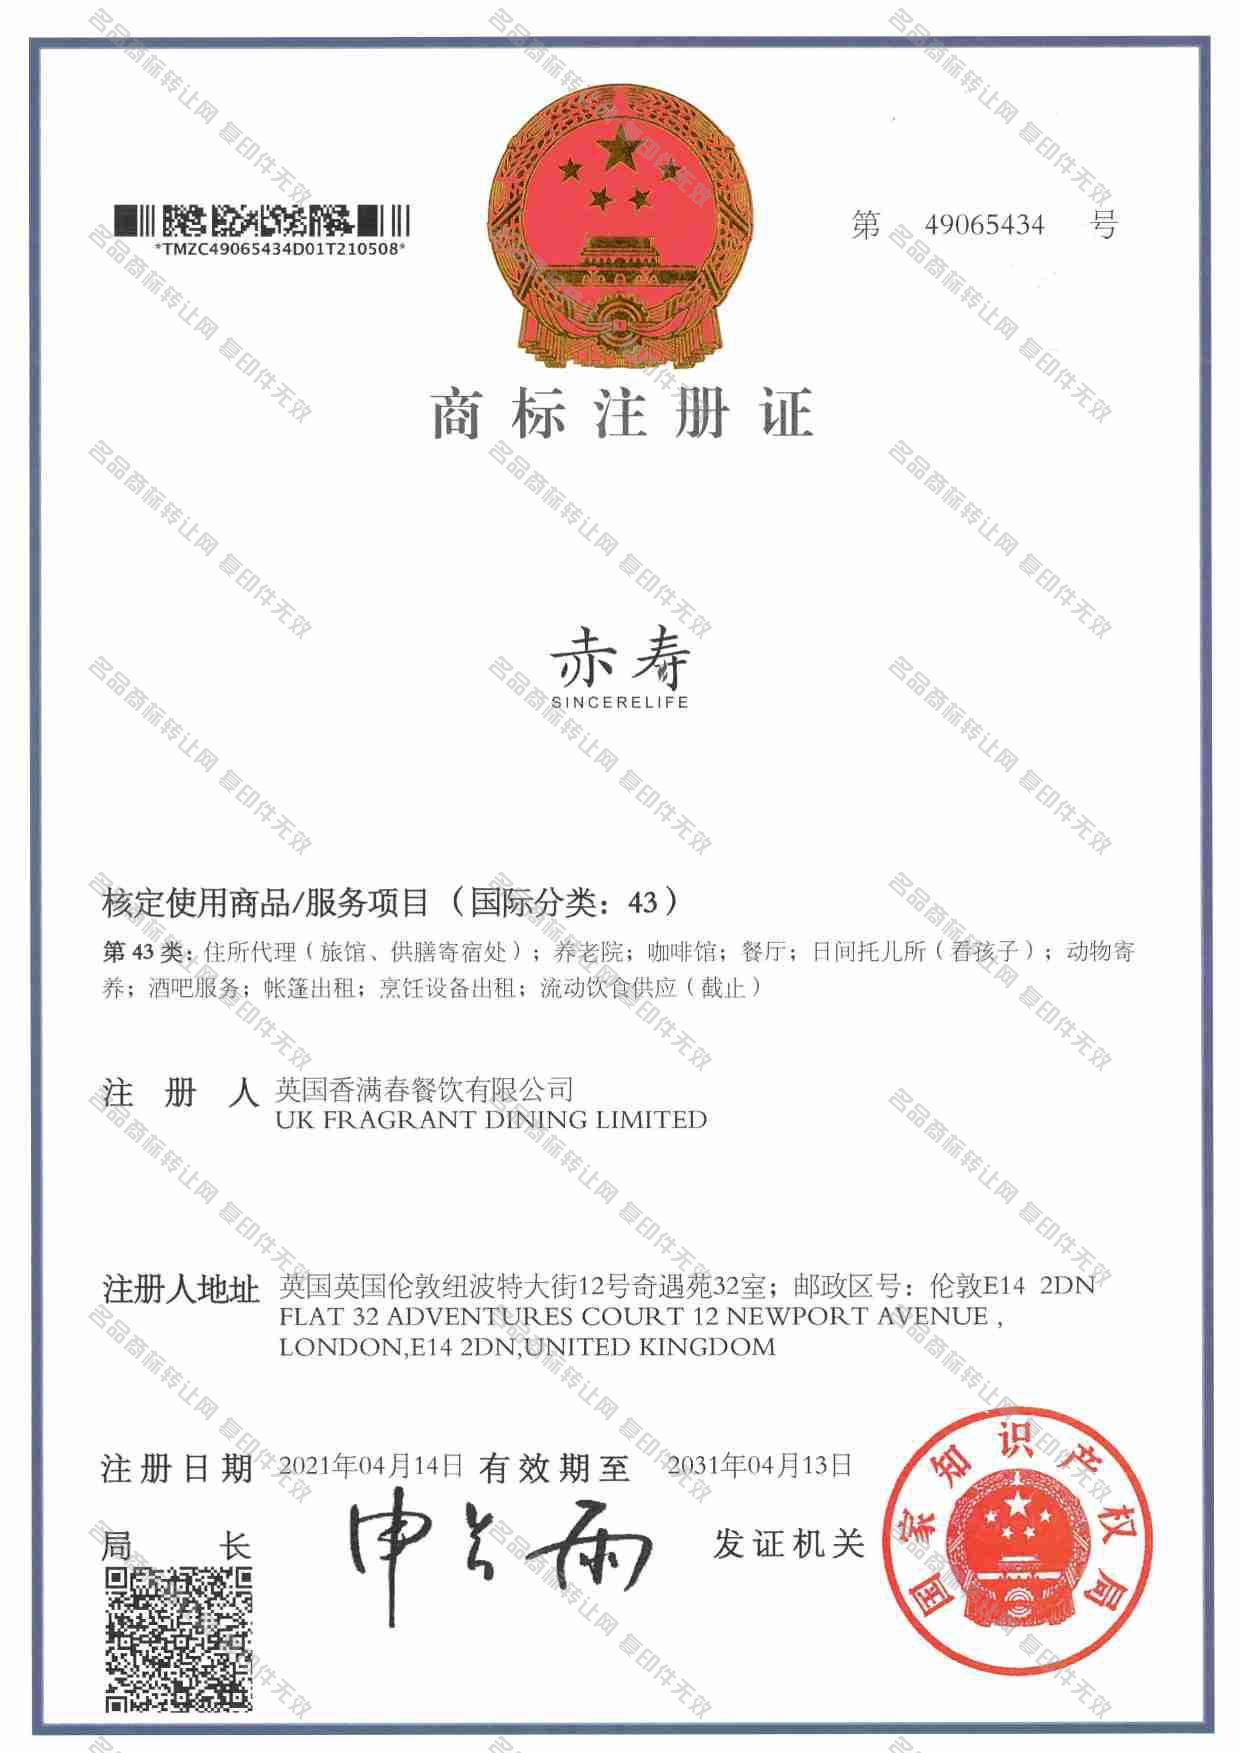 赤寿 SINCERELIFE注册证